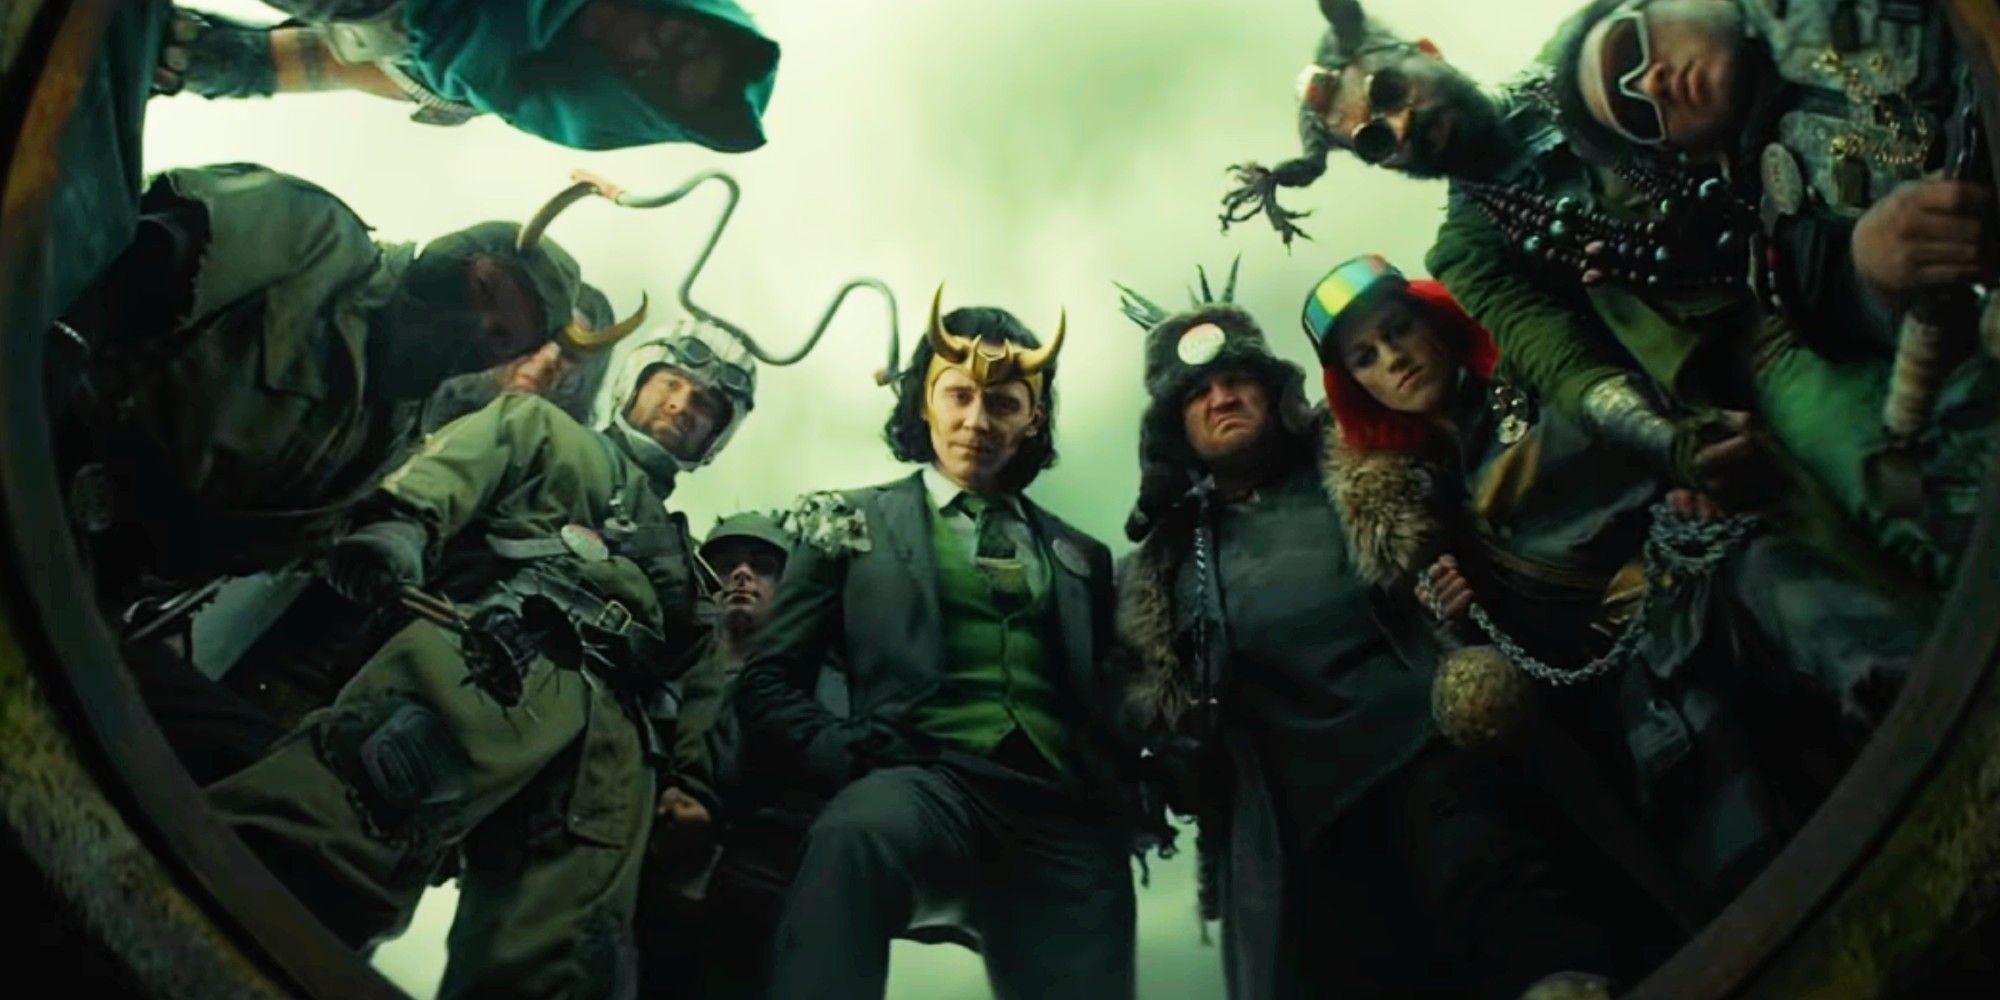 Teoria MCU: Kang,O Conquistador, é uma variante Loki 3